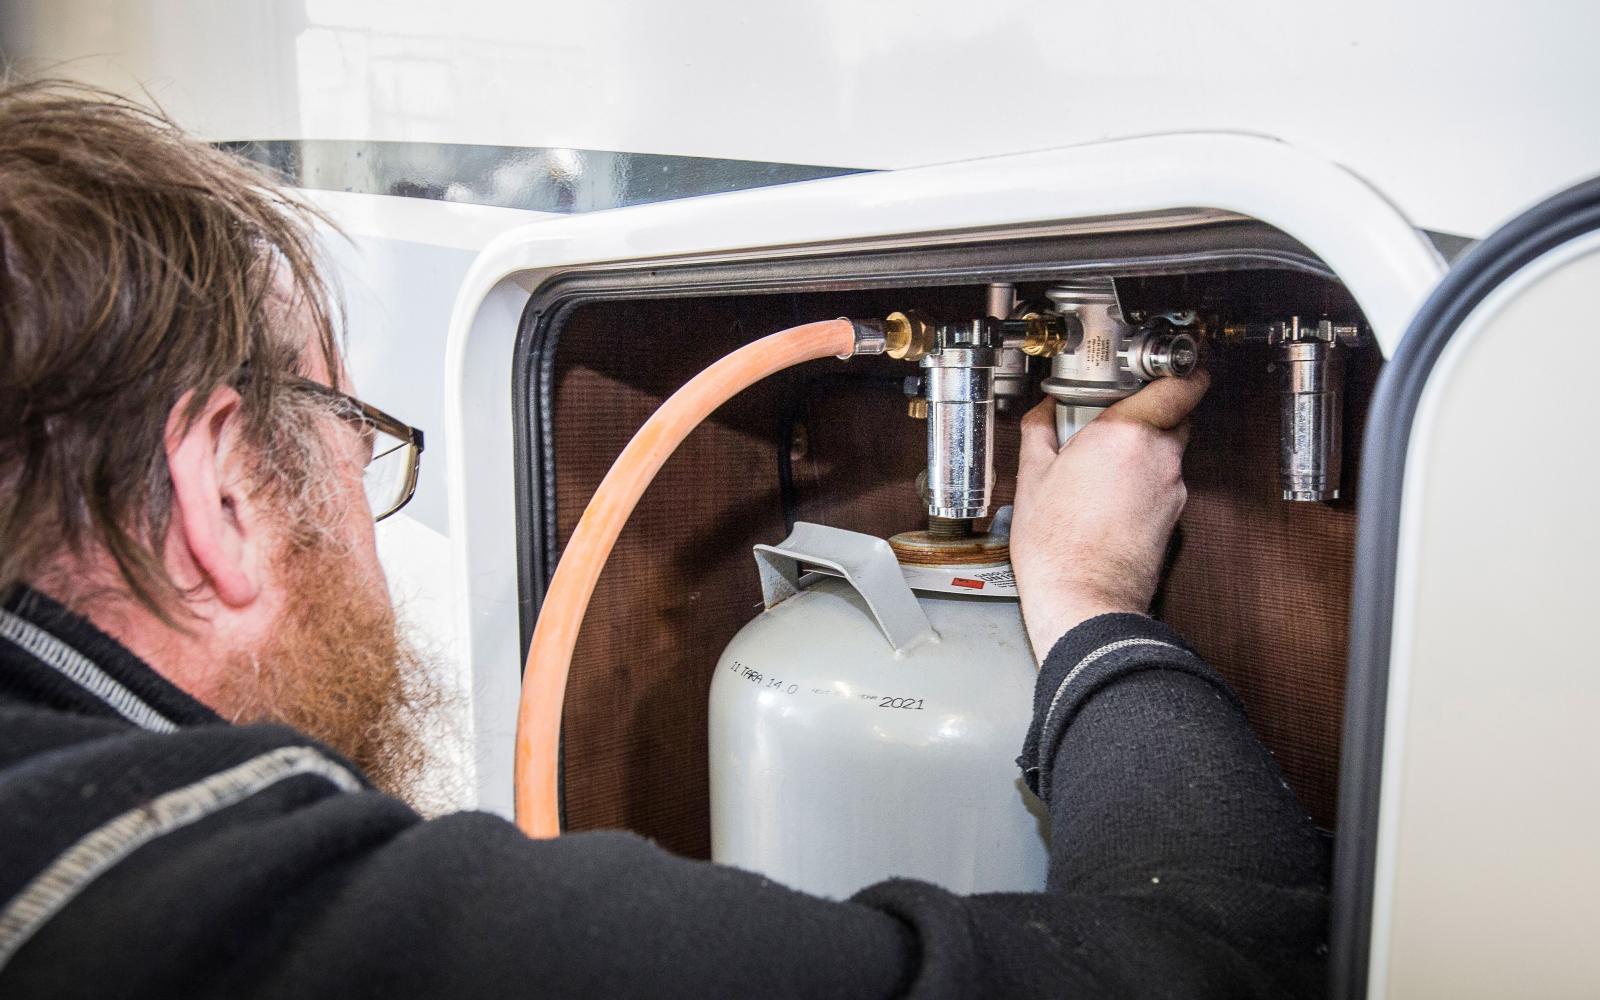 Gasolkontroll kan göras vid besiktningen. Enklare koll kan göras hemma.